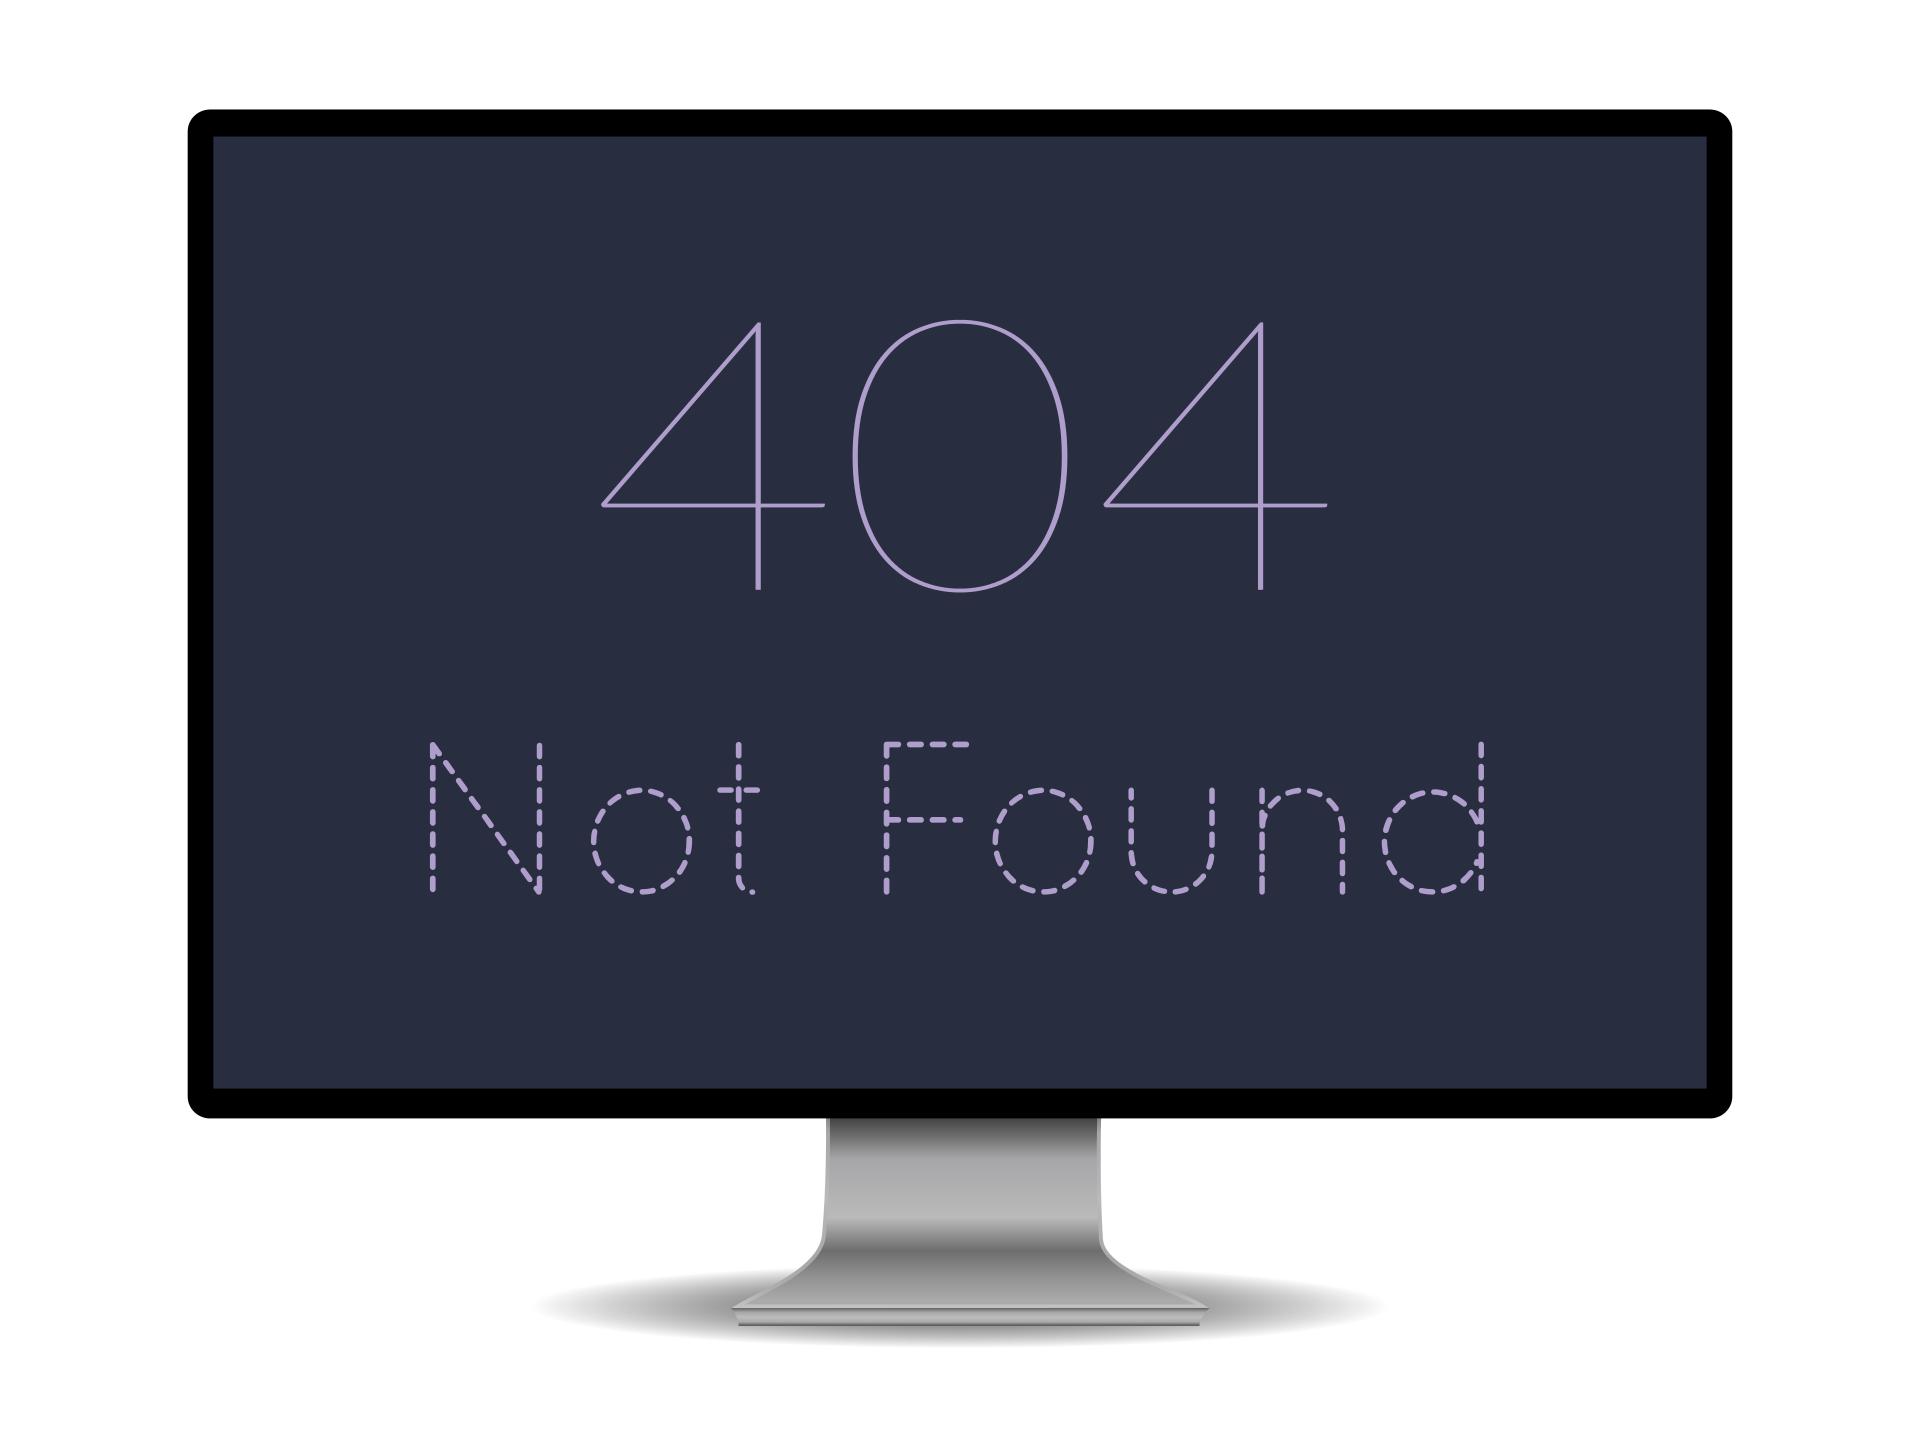 Kreatywne 404 - u nas na stronie z błędem... zarabiasz 50 zł!